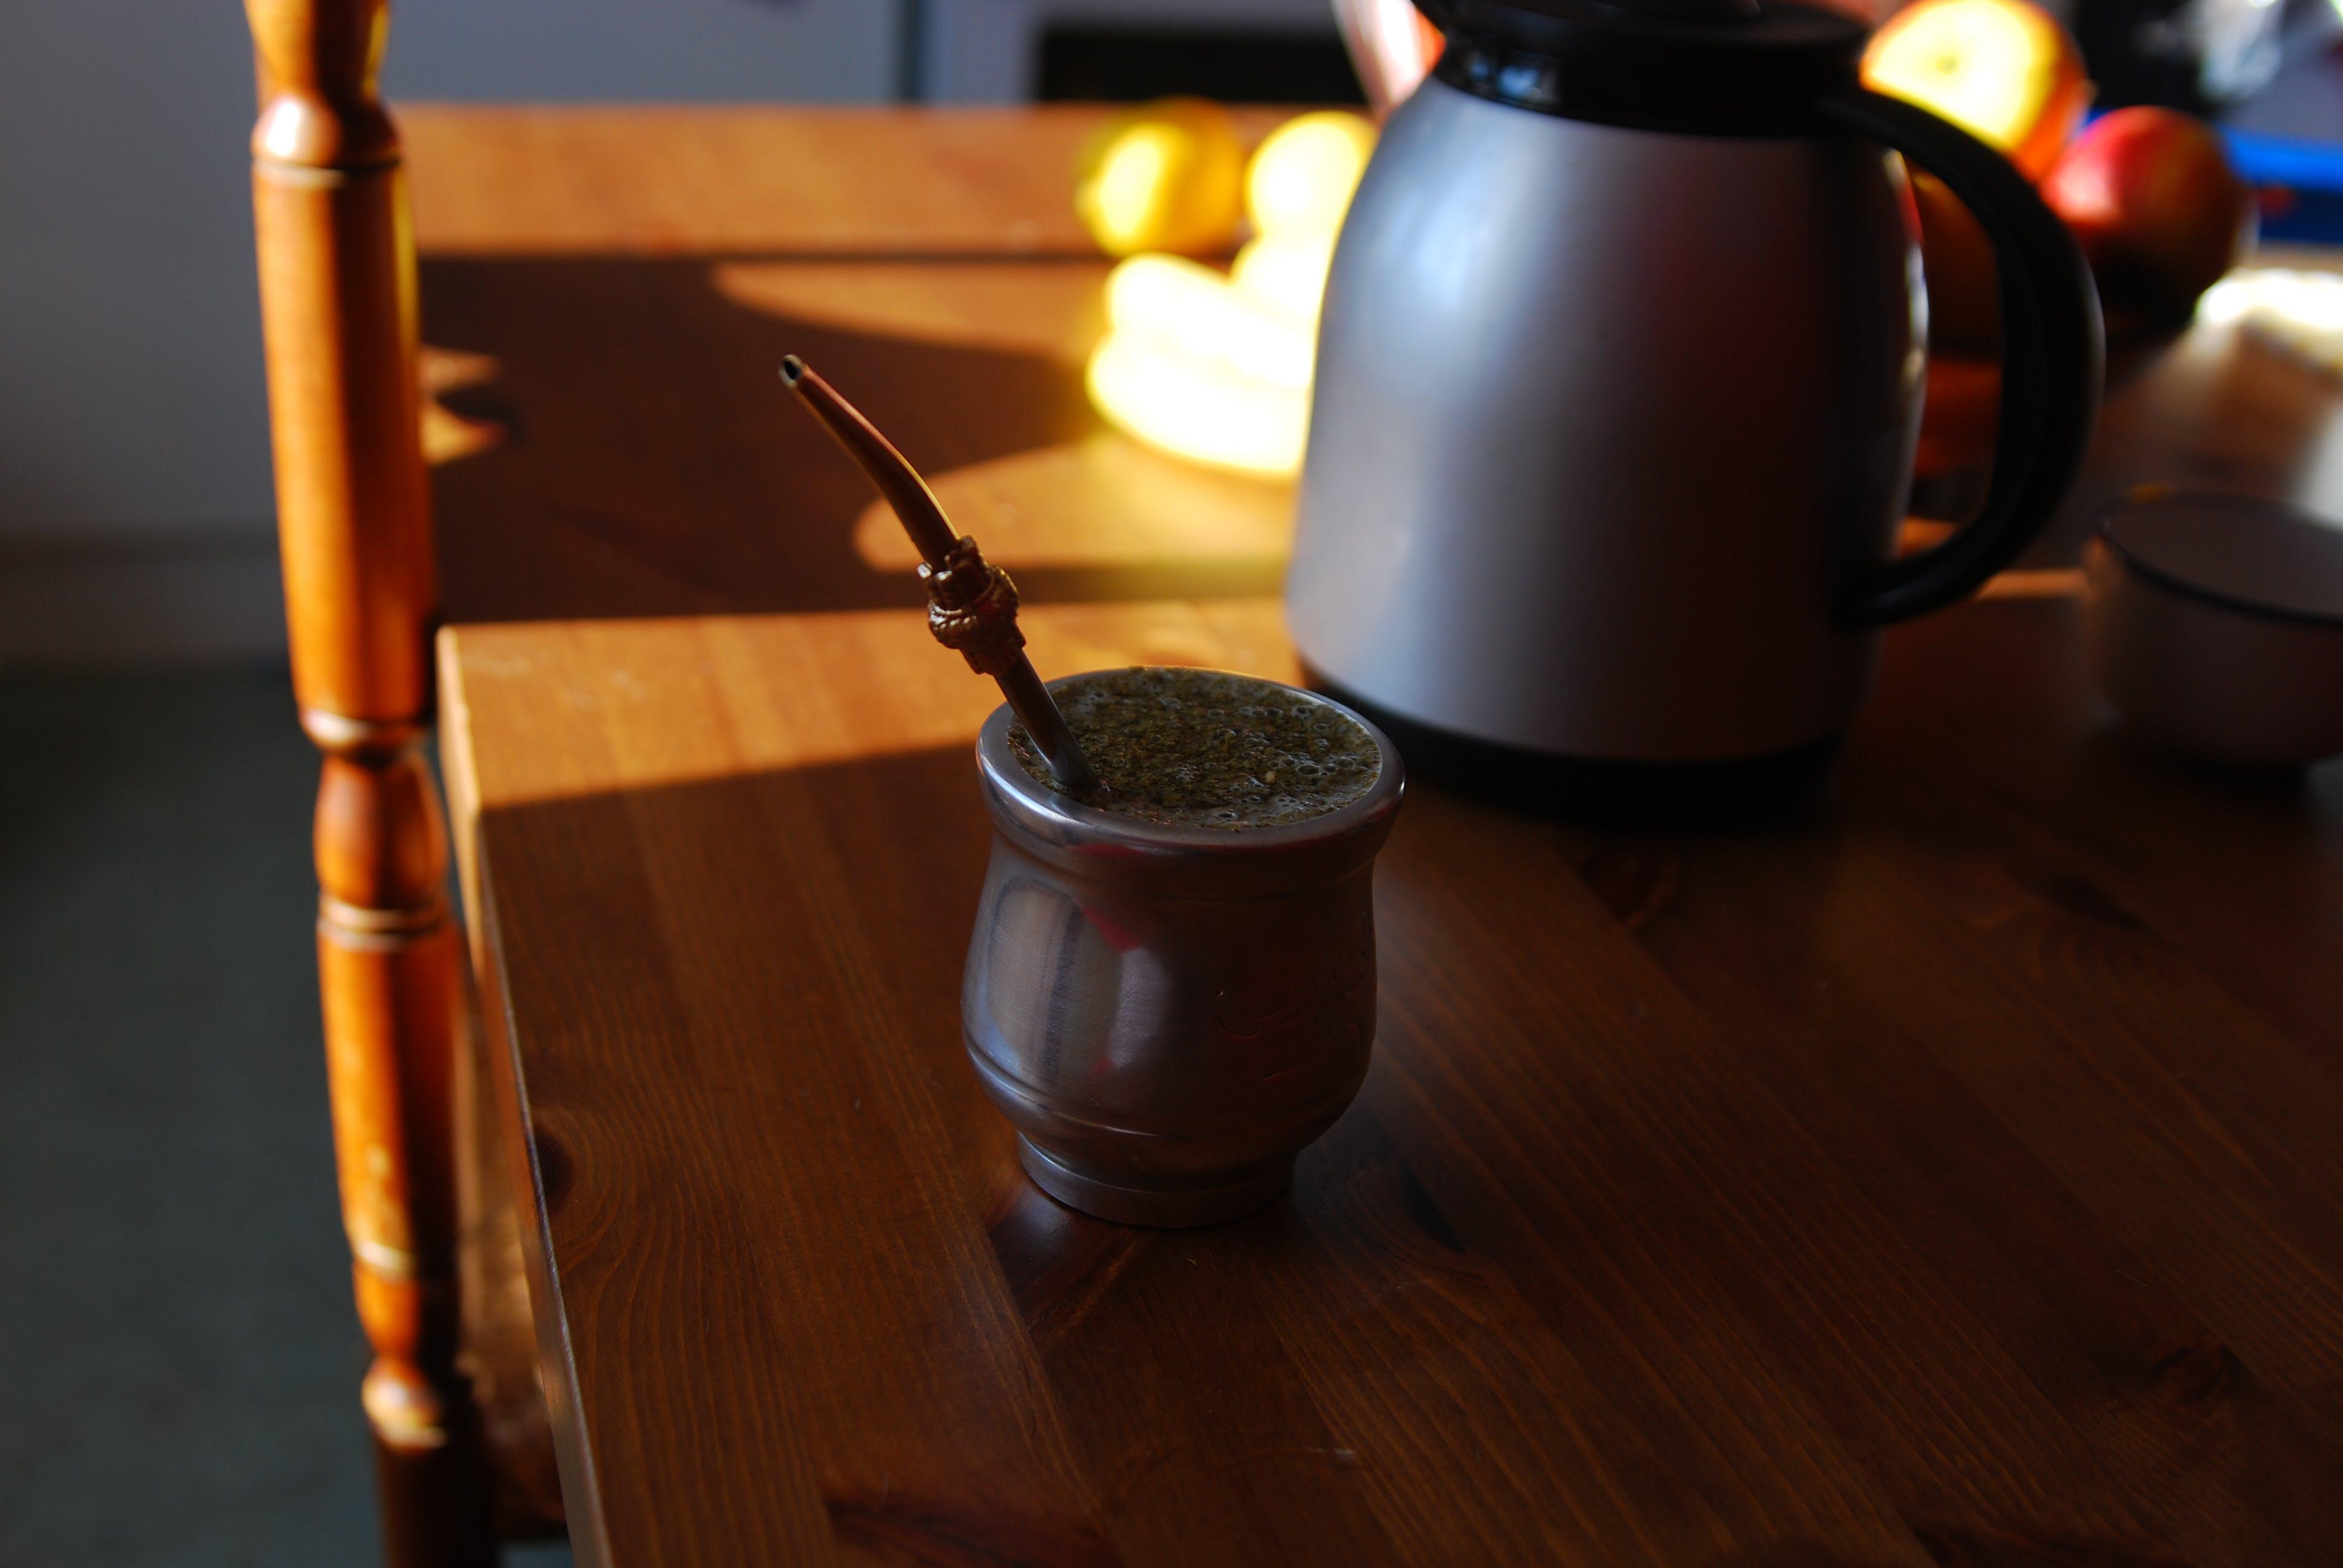 Gratis lagerfoto af grøn te, te, tekop, tekopper